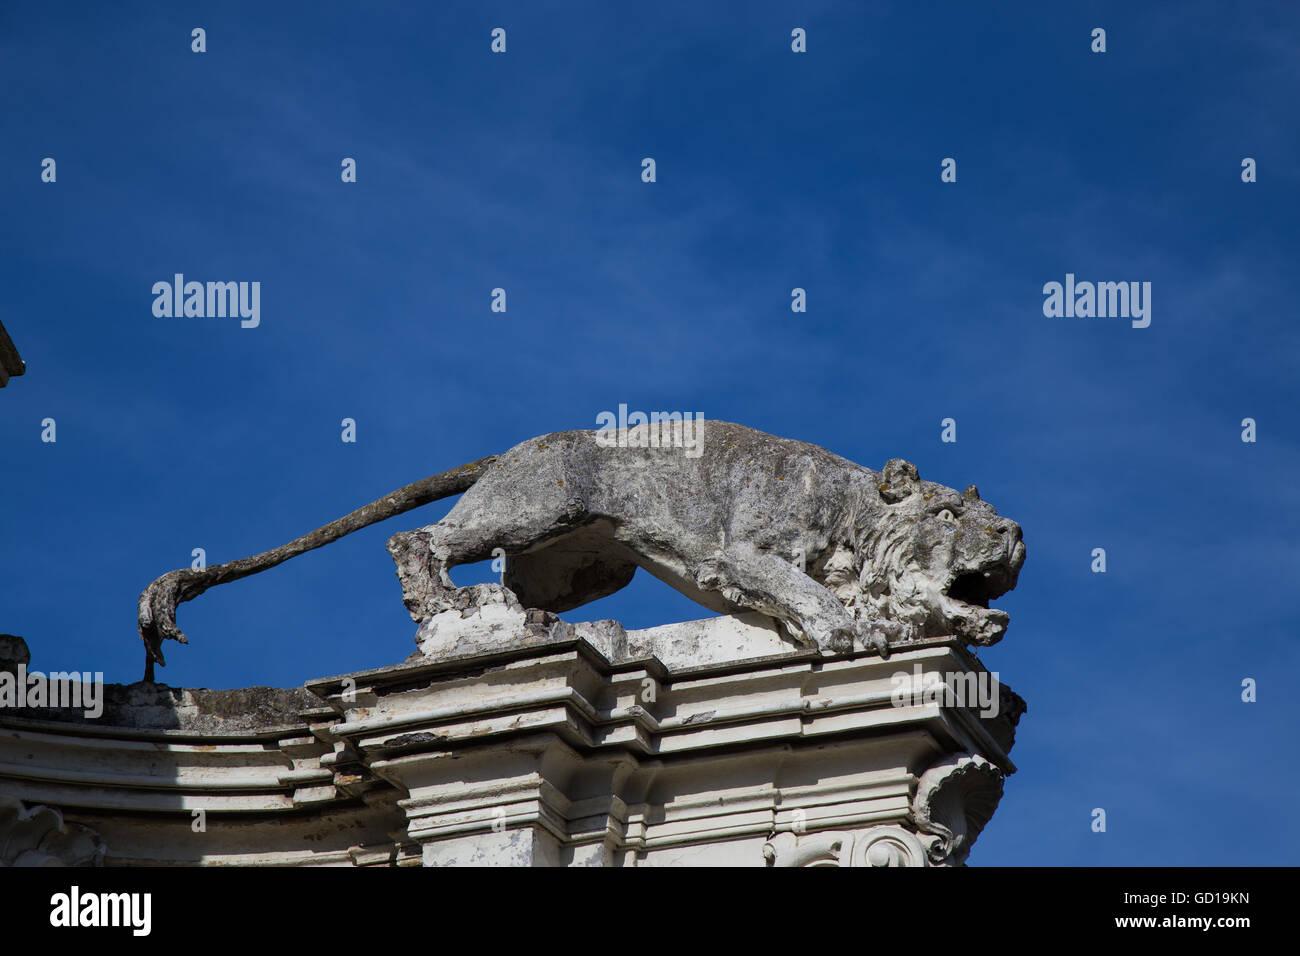 Statue of lion in aggressive attitude - Stock Image